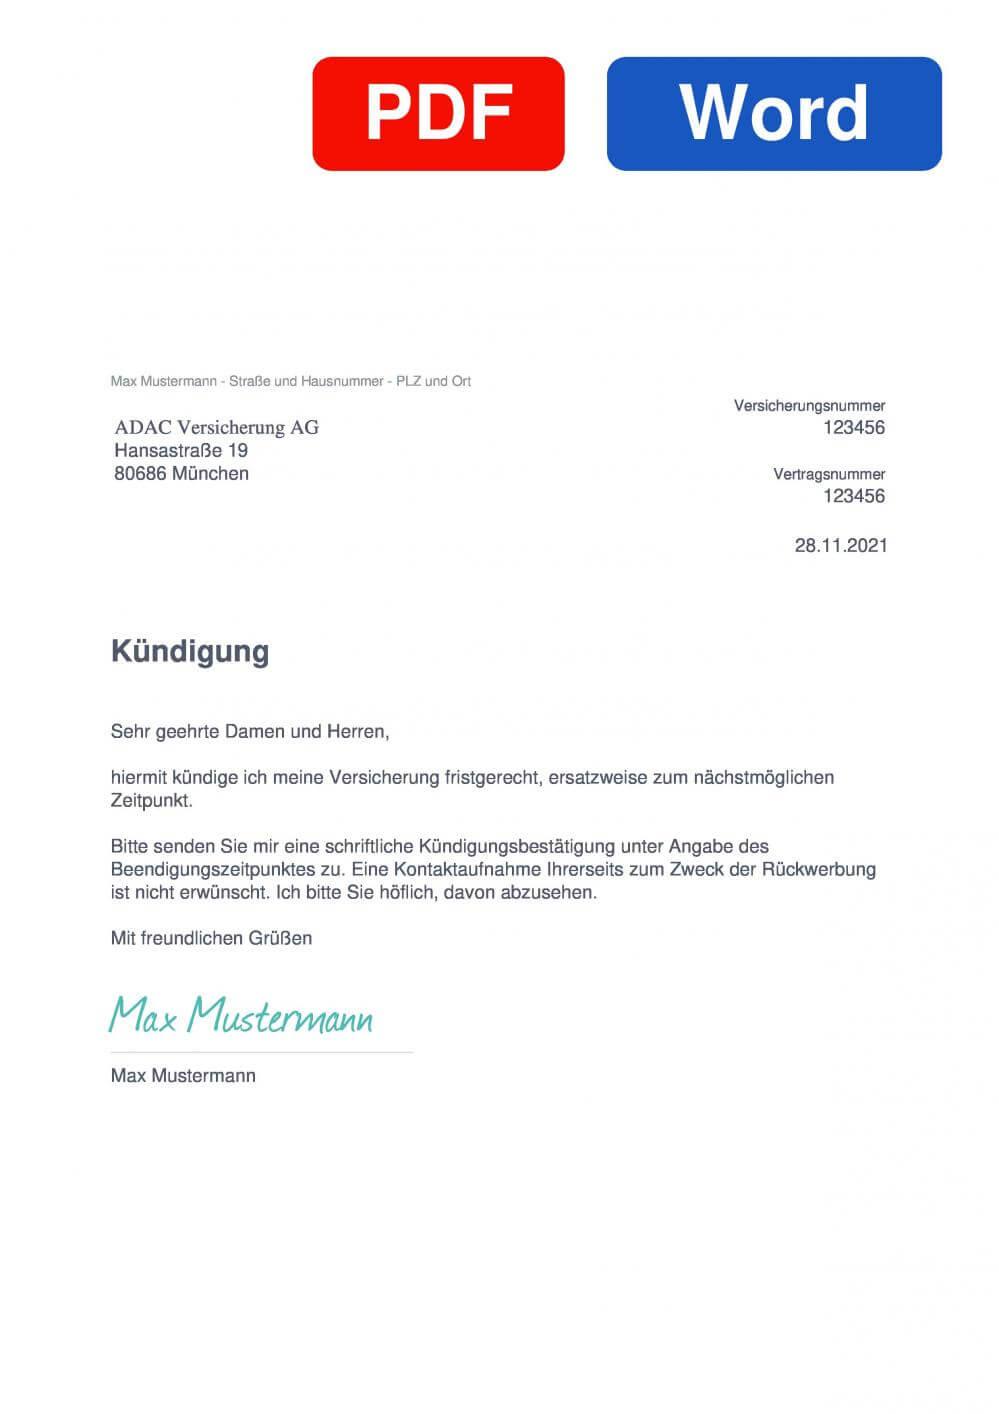 ADAC Rechtsschutz Muster Vorlage für Kündigungsschreiben